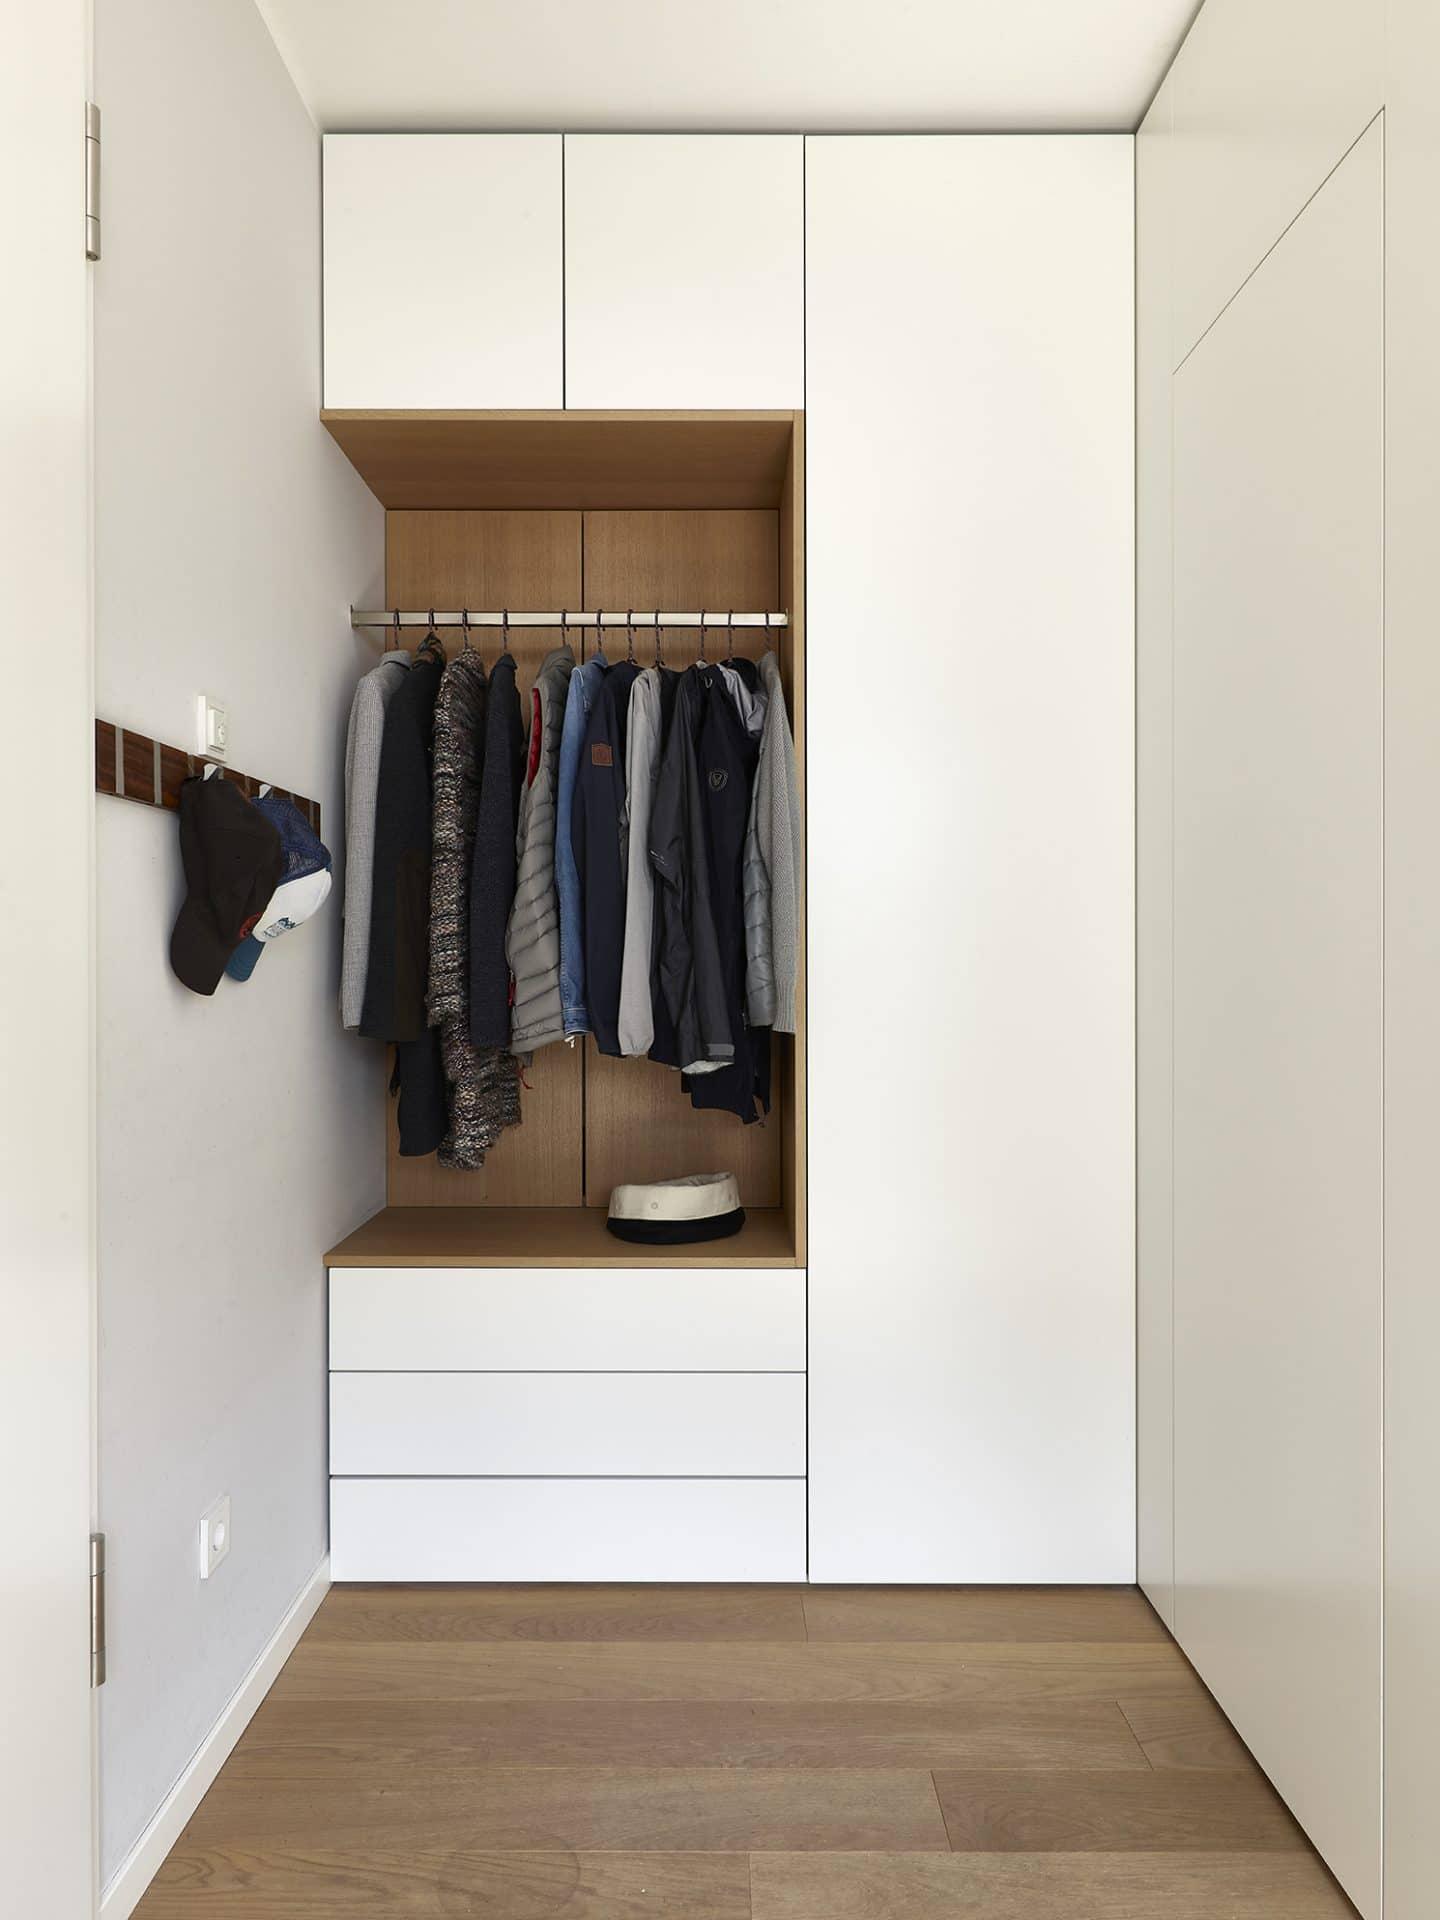 Inneneinrichtungsdesign von Voit, Küche mit weißen Fronten aus Eiche natur - Garderobe mit Kleidungsstücken